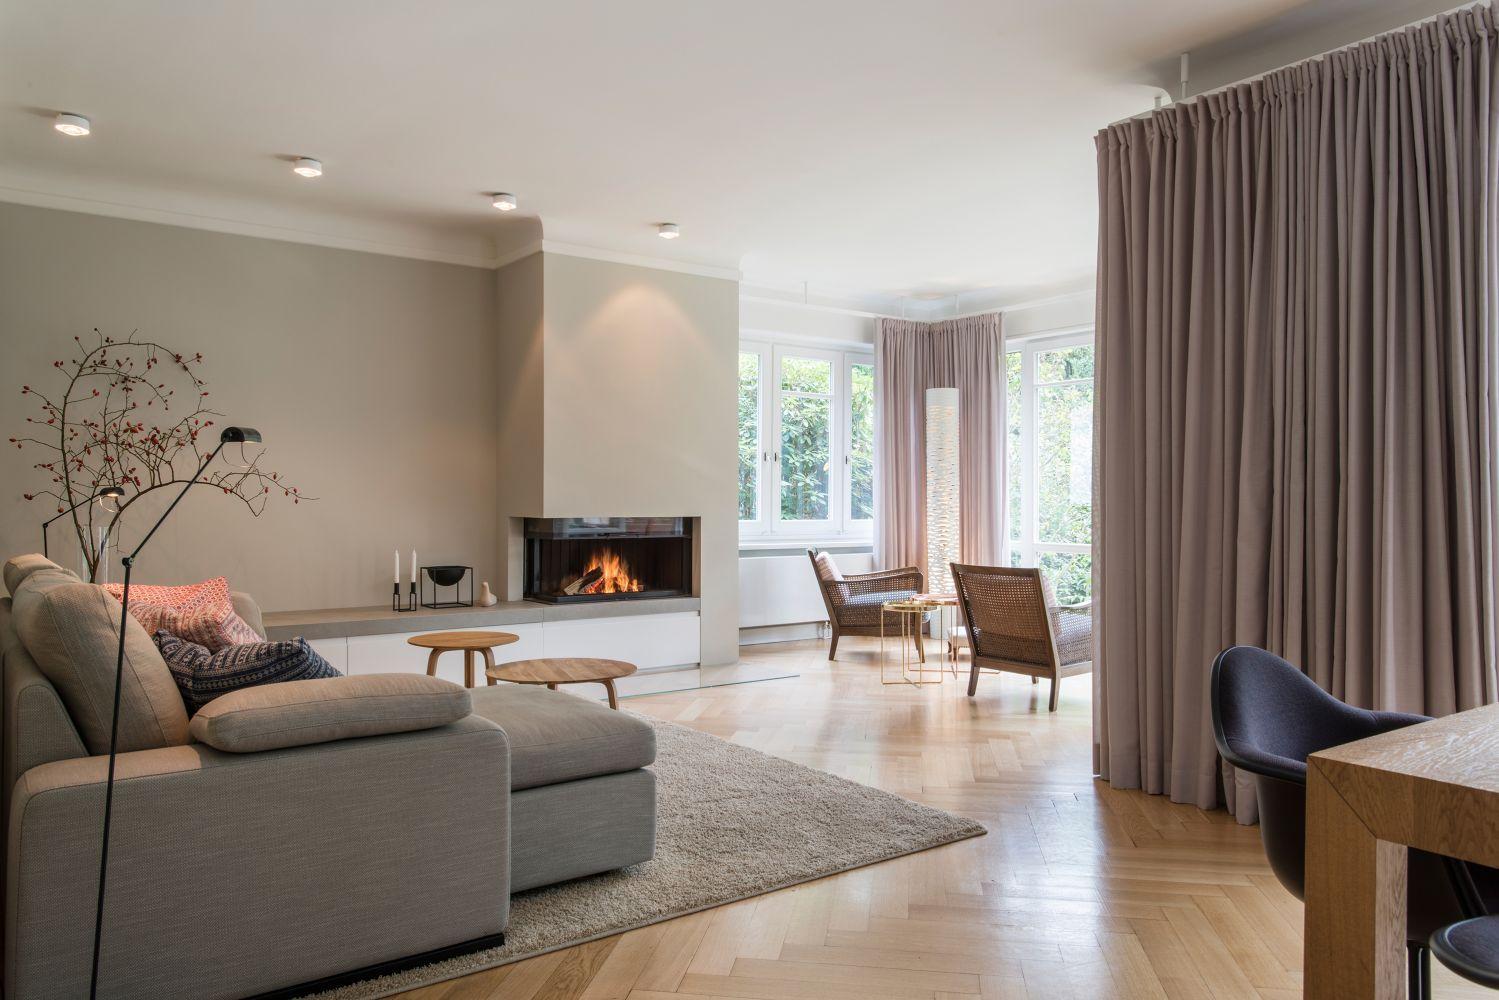 Wohnbereich Wohnen, Wohnung, Wohnzimmer design